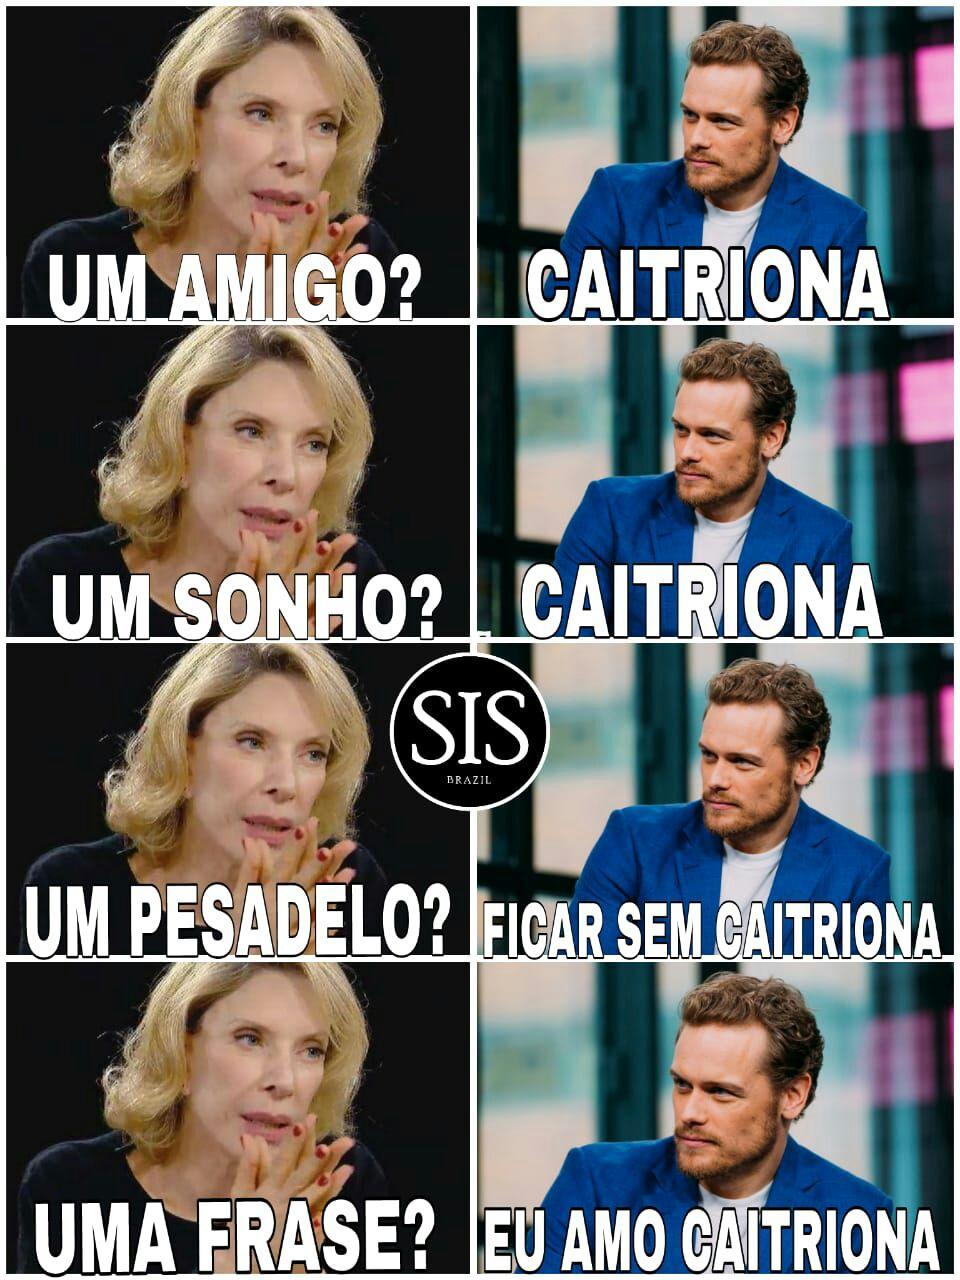 26_sisbrazil_netsis_memes_marilia